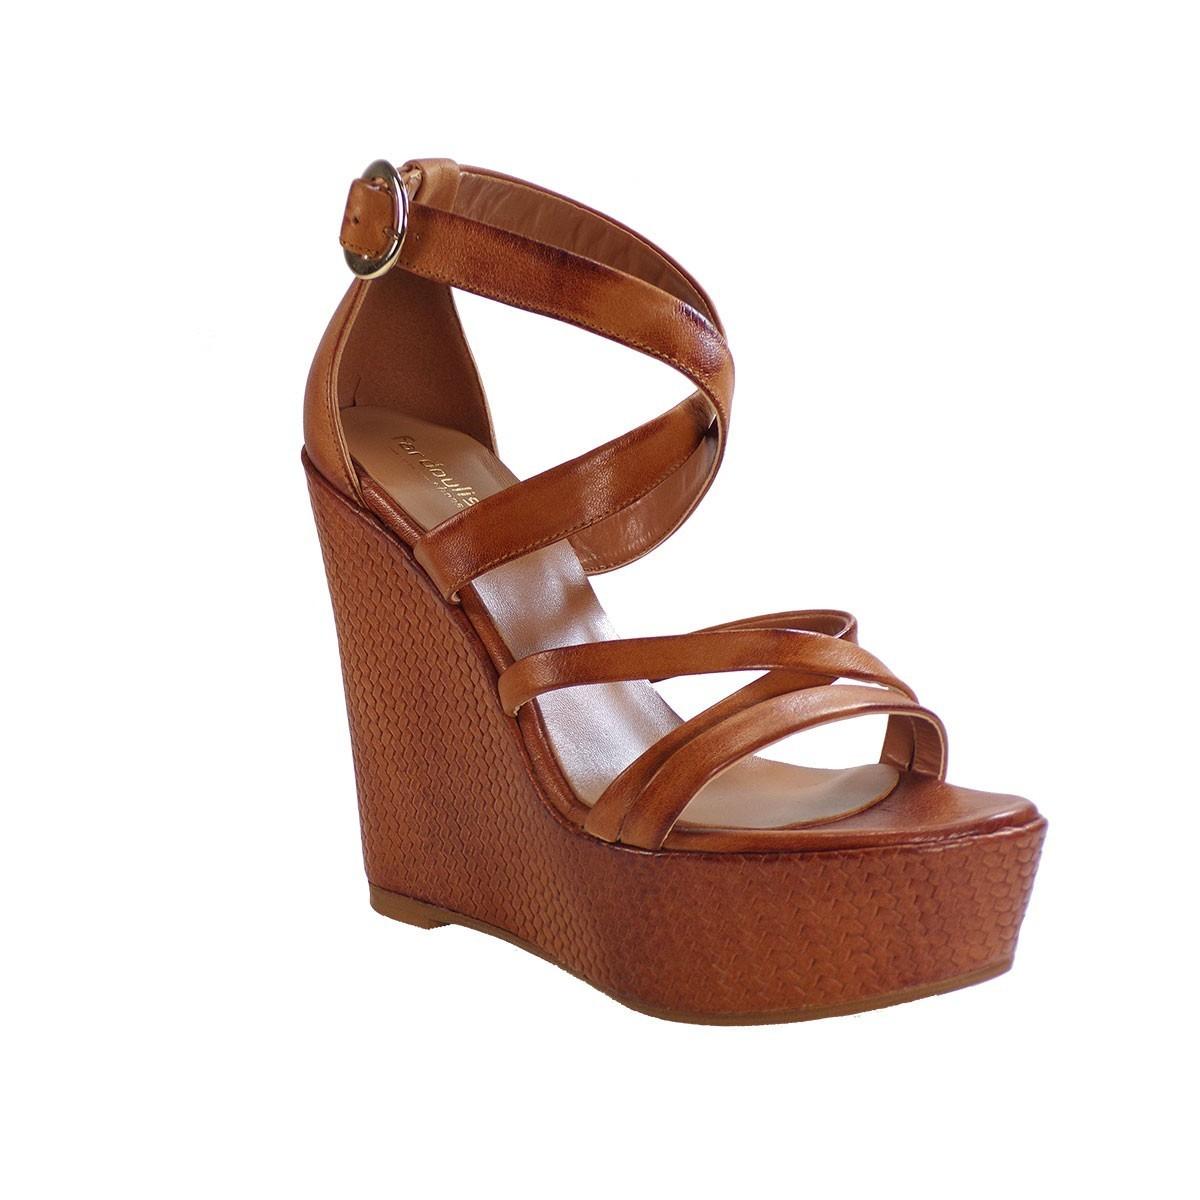 e67f3339b44 Fardoulis shoes Γυναικείες Πλατφόρμες Πέδιλα 27038 Ταμπά Δέρμα